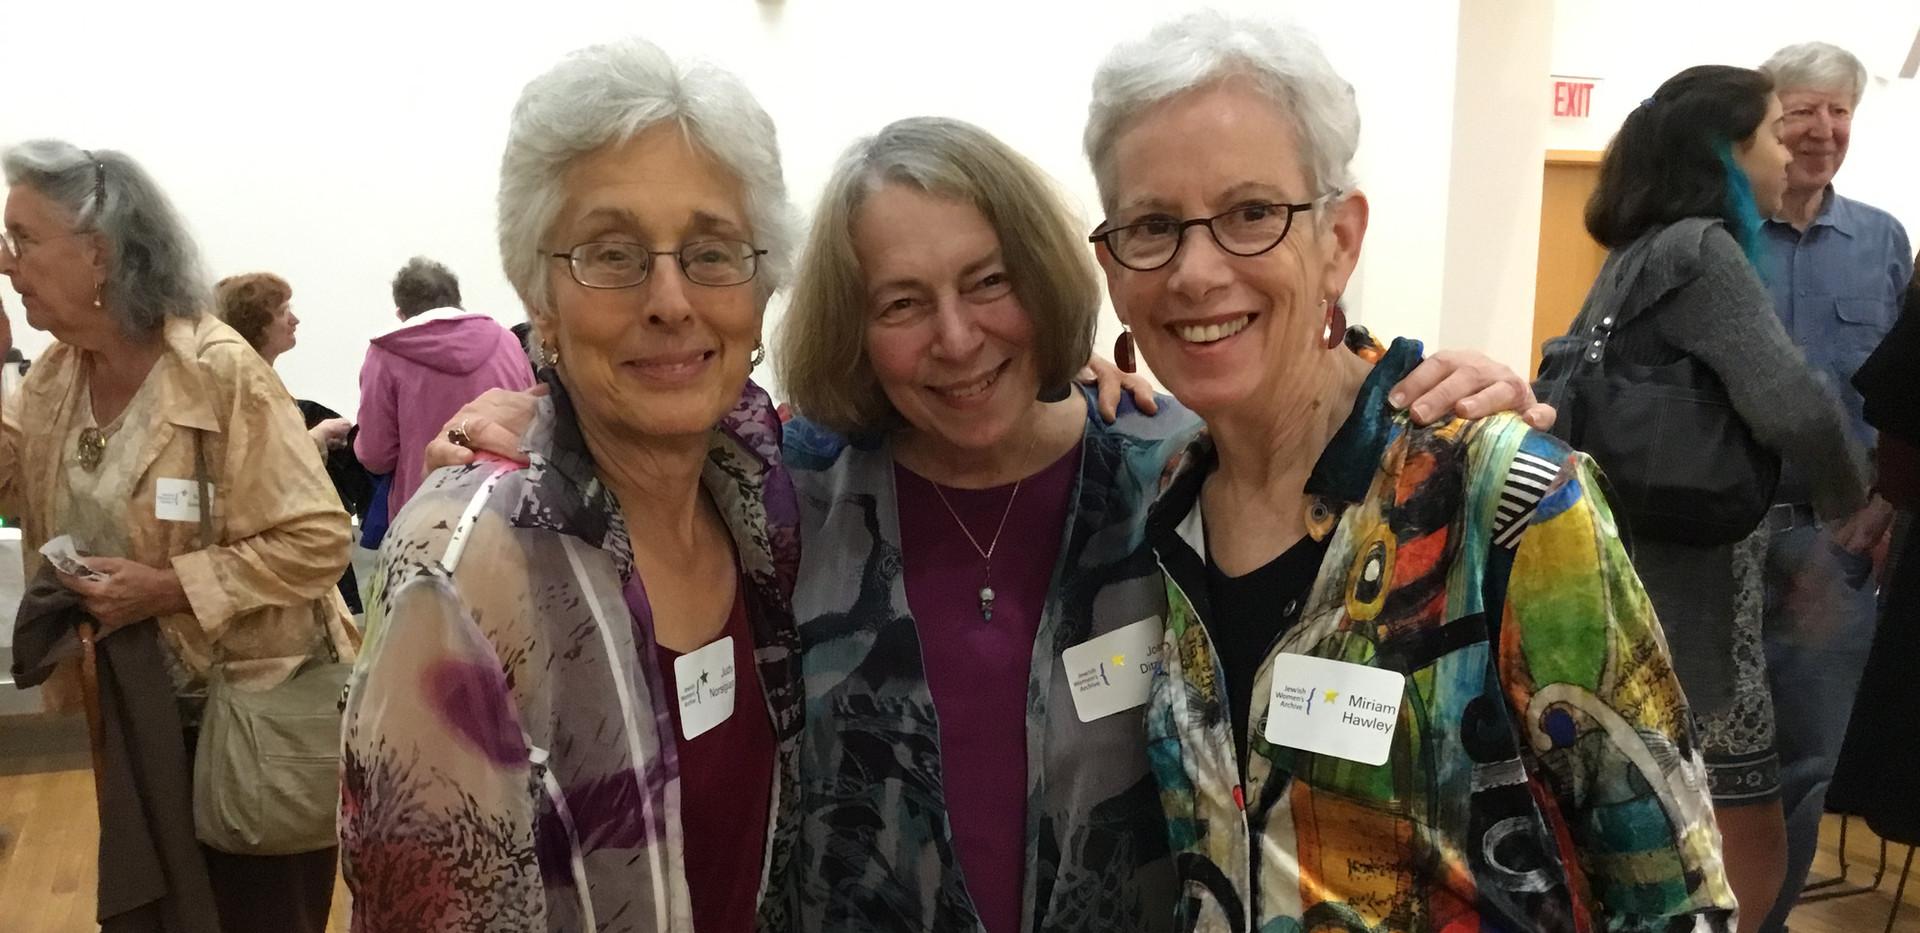 Judy Norsigian, Joan Ditzion, Miriam Haw